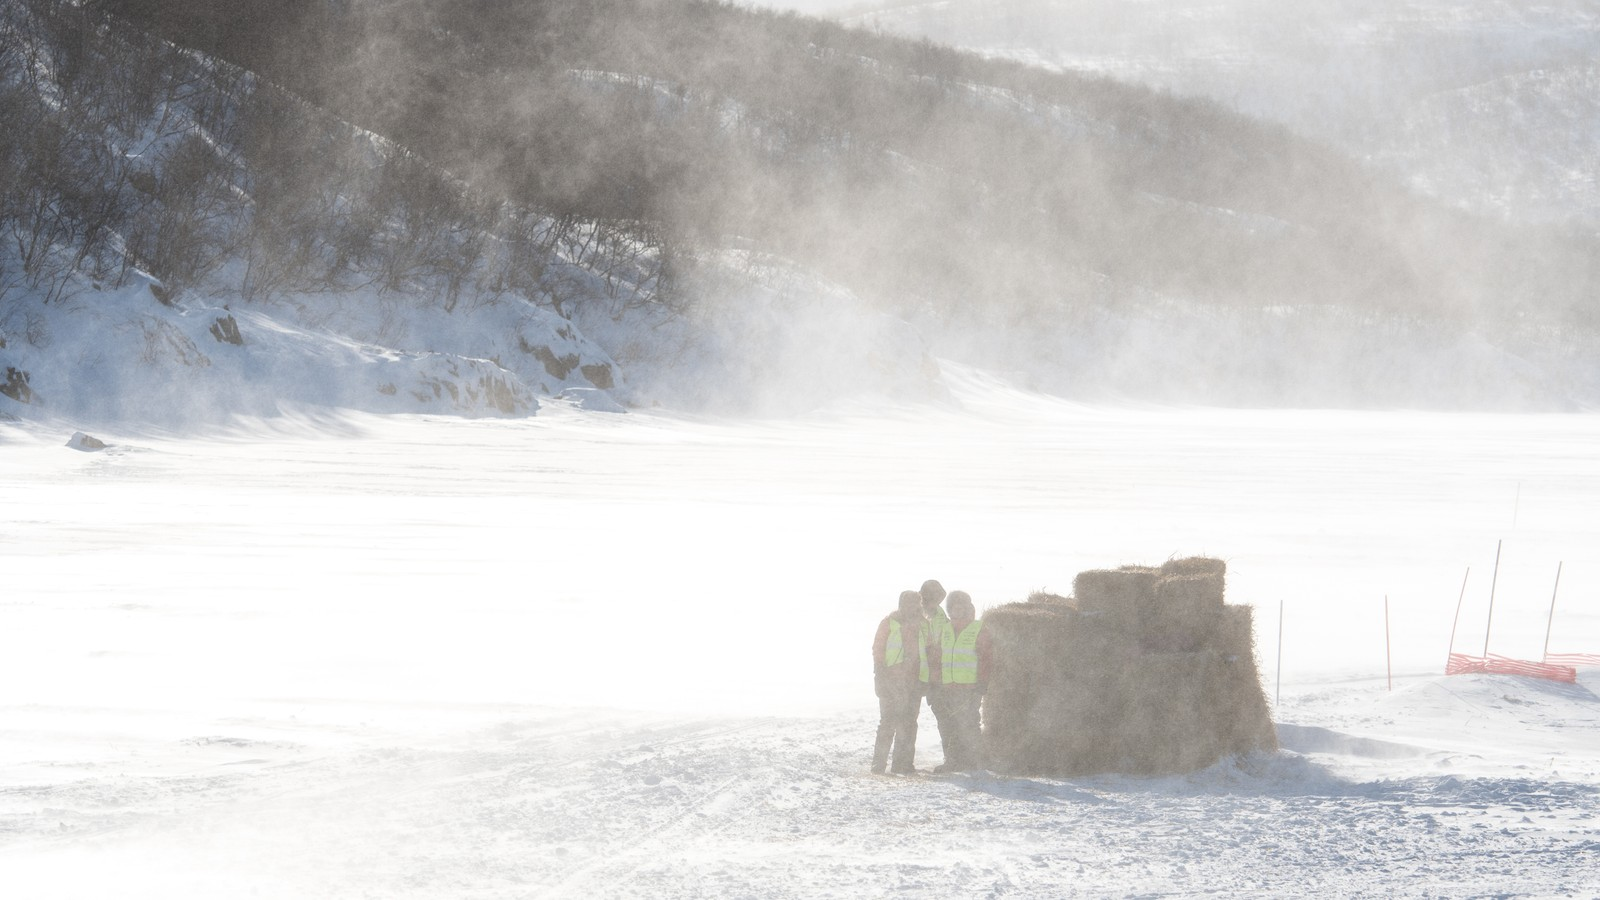 Sjekkpunkt-medarbeiderne venter i snøføyka på at neste løper skal ankomme sjekkpunkt Levajok.